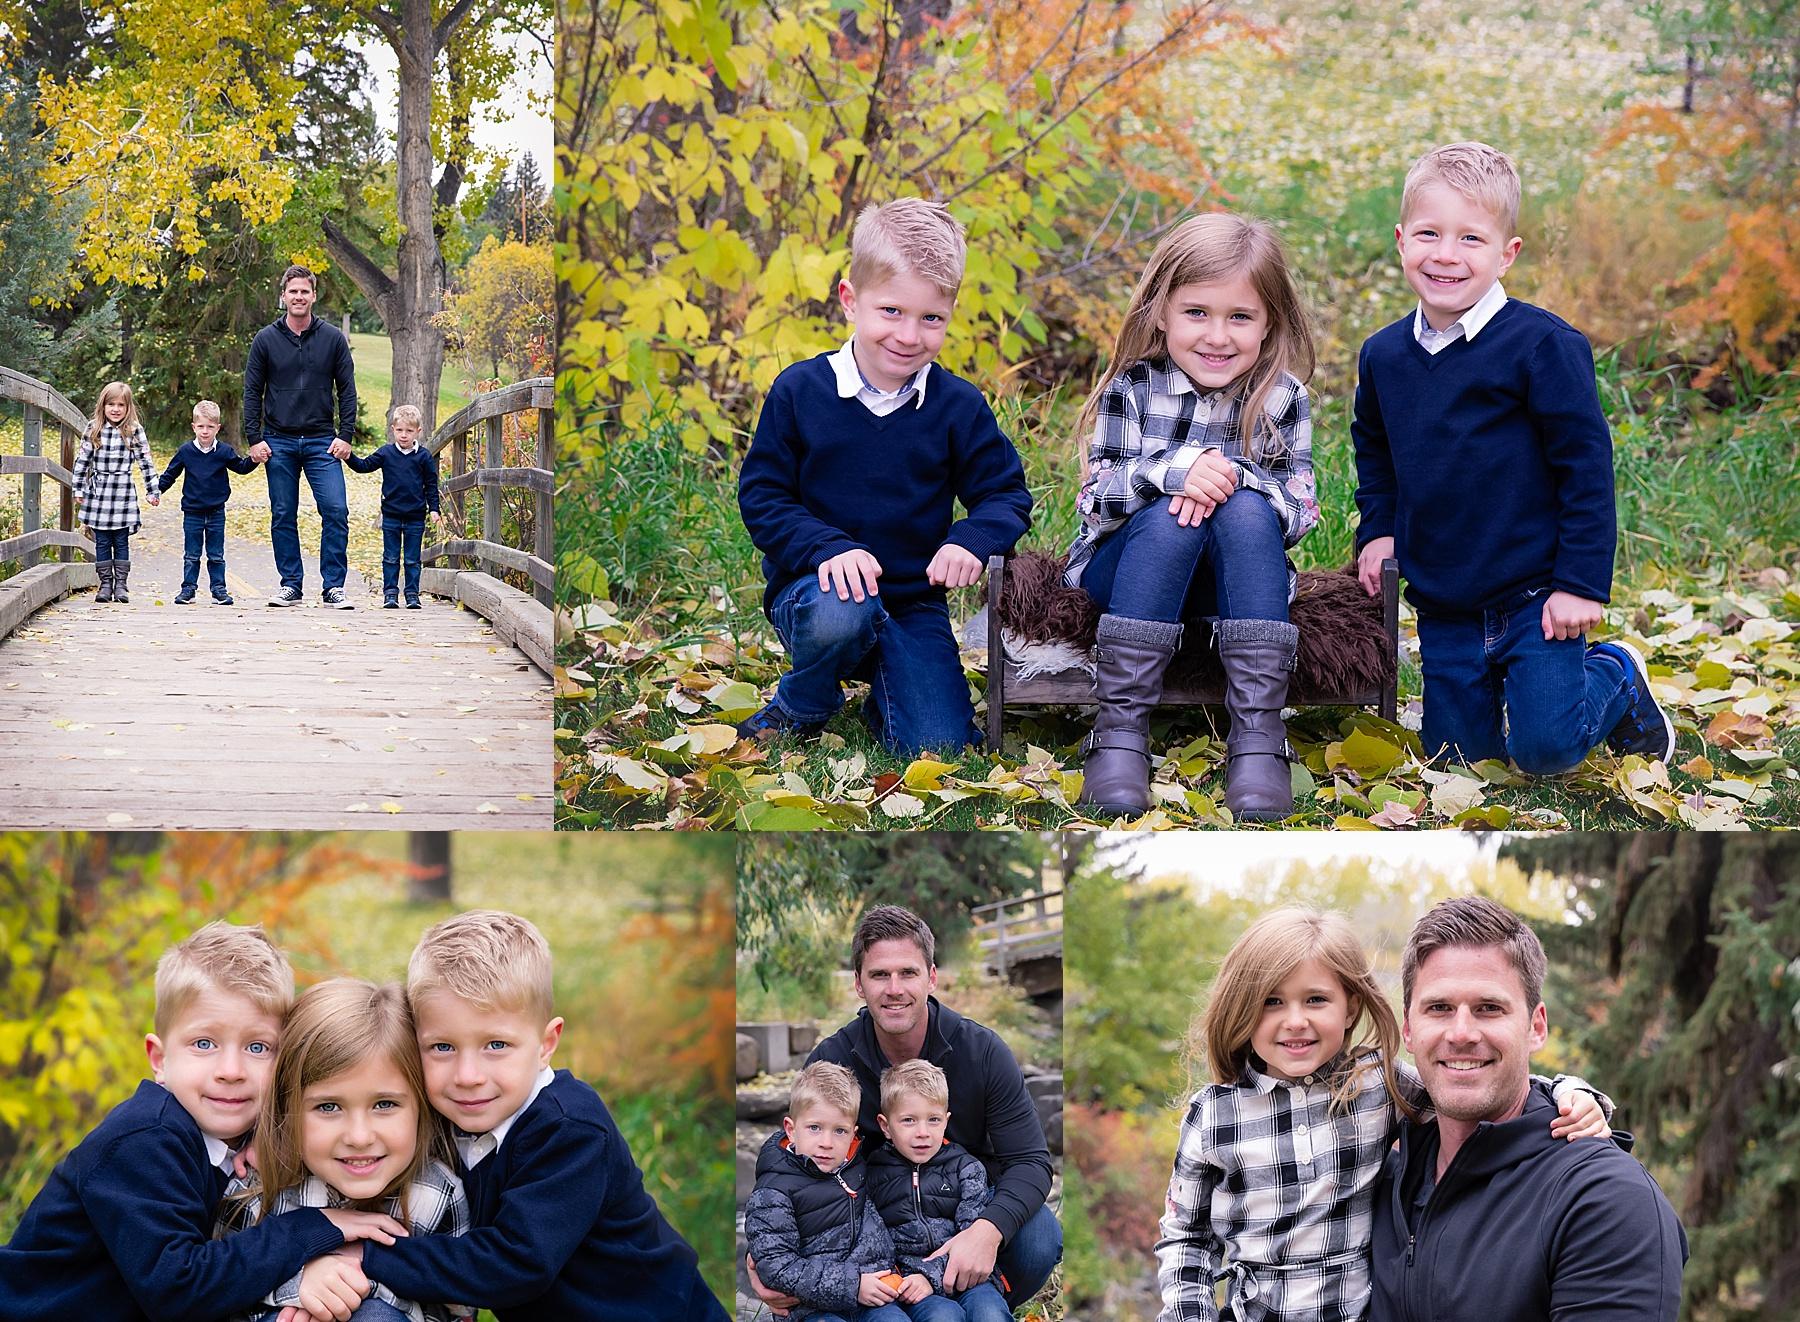 Calgary Fall Mini Session - Confederation Park. Calgary Family Photographer. Milashka Photography